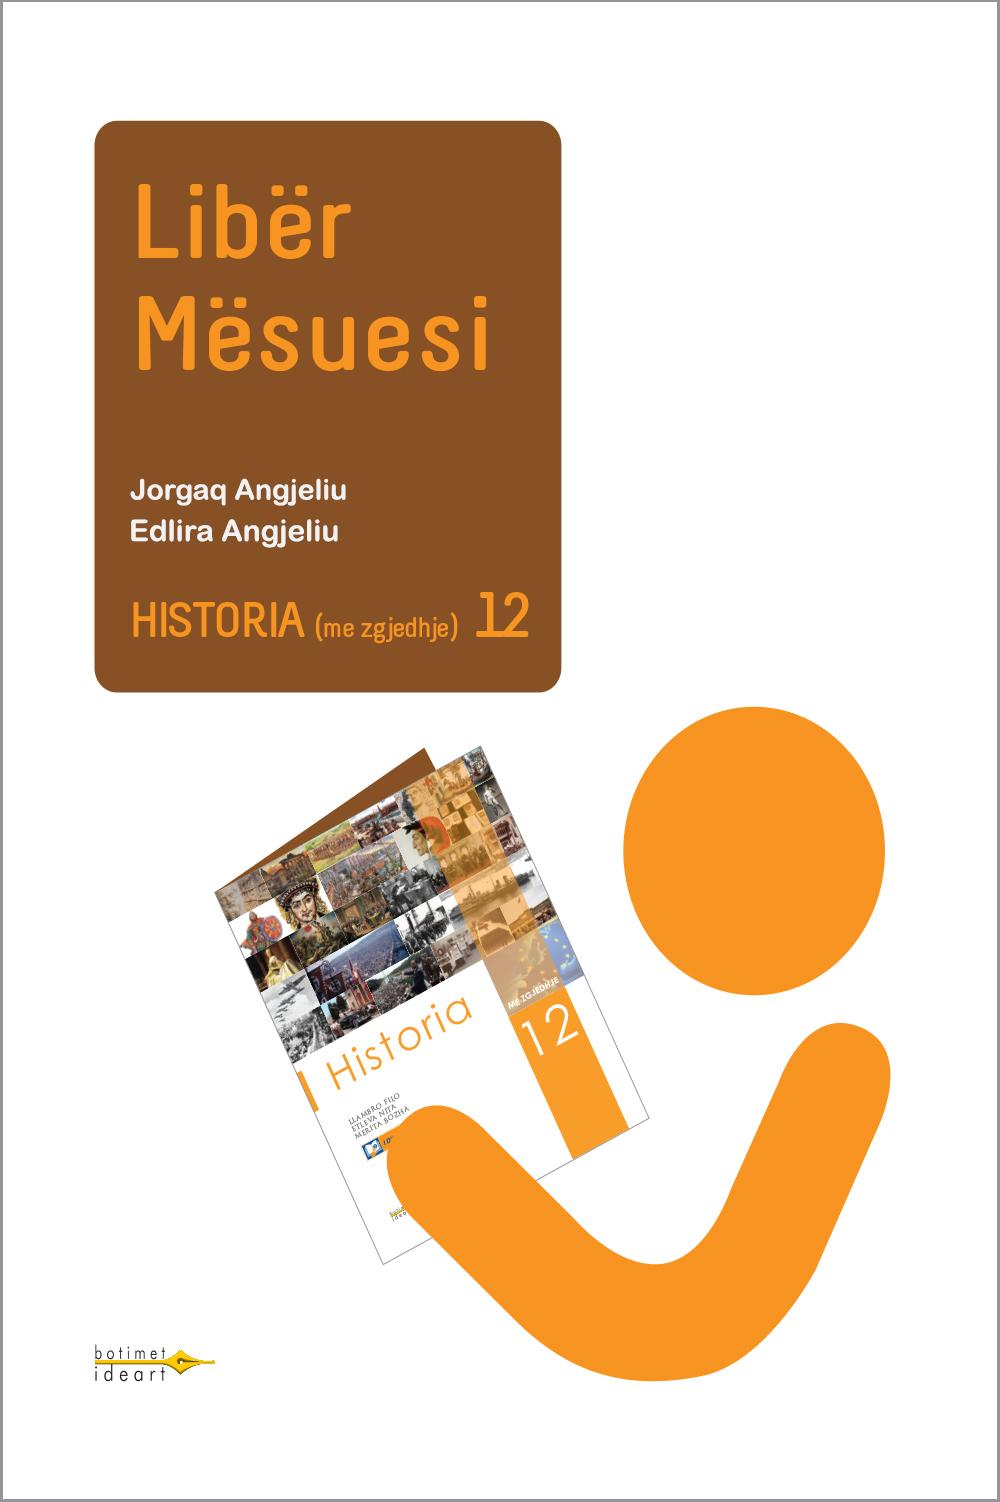 Historia 12 me zgjedhje<br>Libër Mësuesi